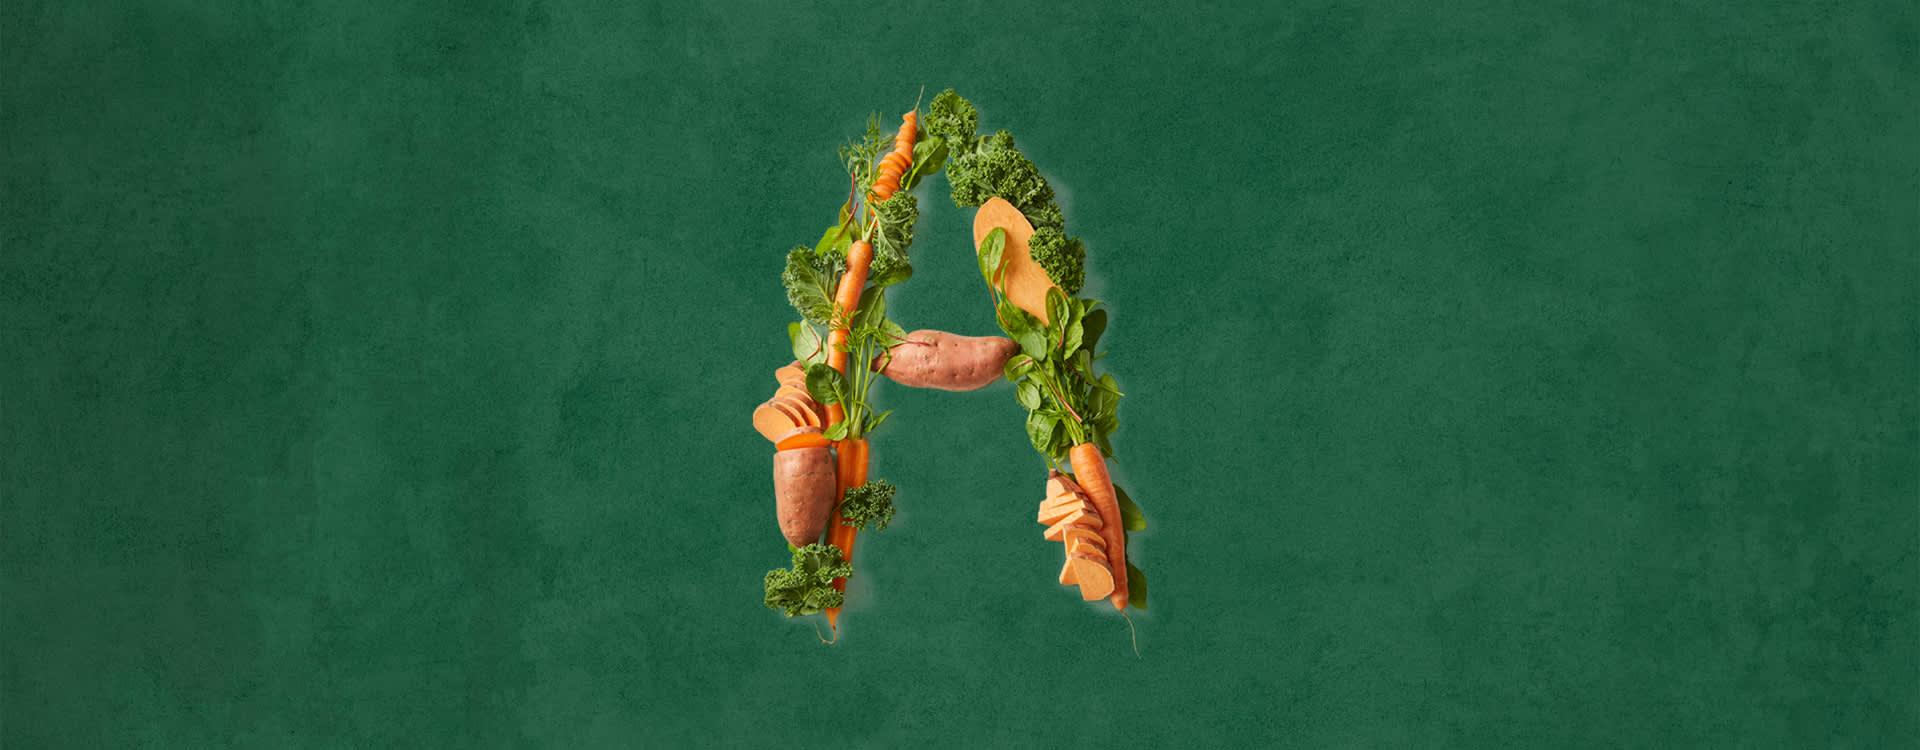 Vitamin A er et essensielt vitamin for kroppen og immunforsvaret vårt